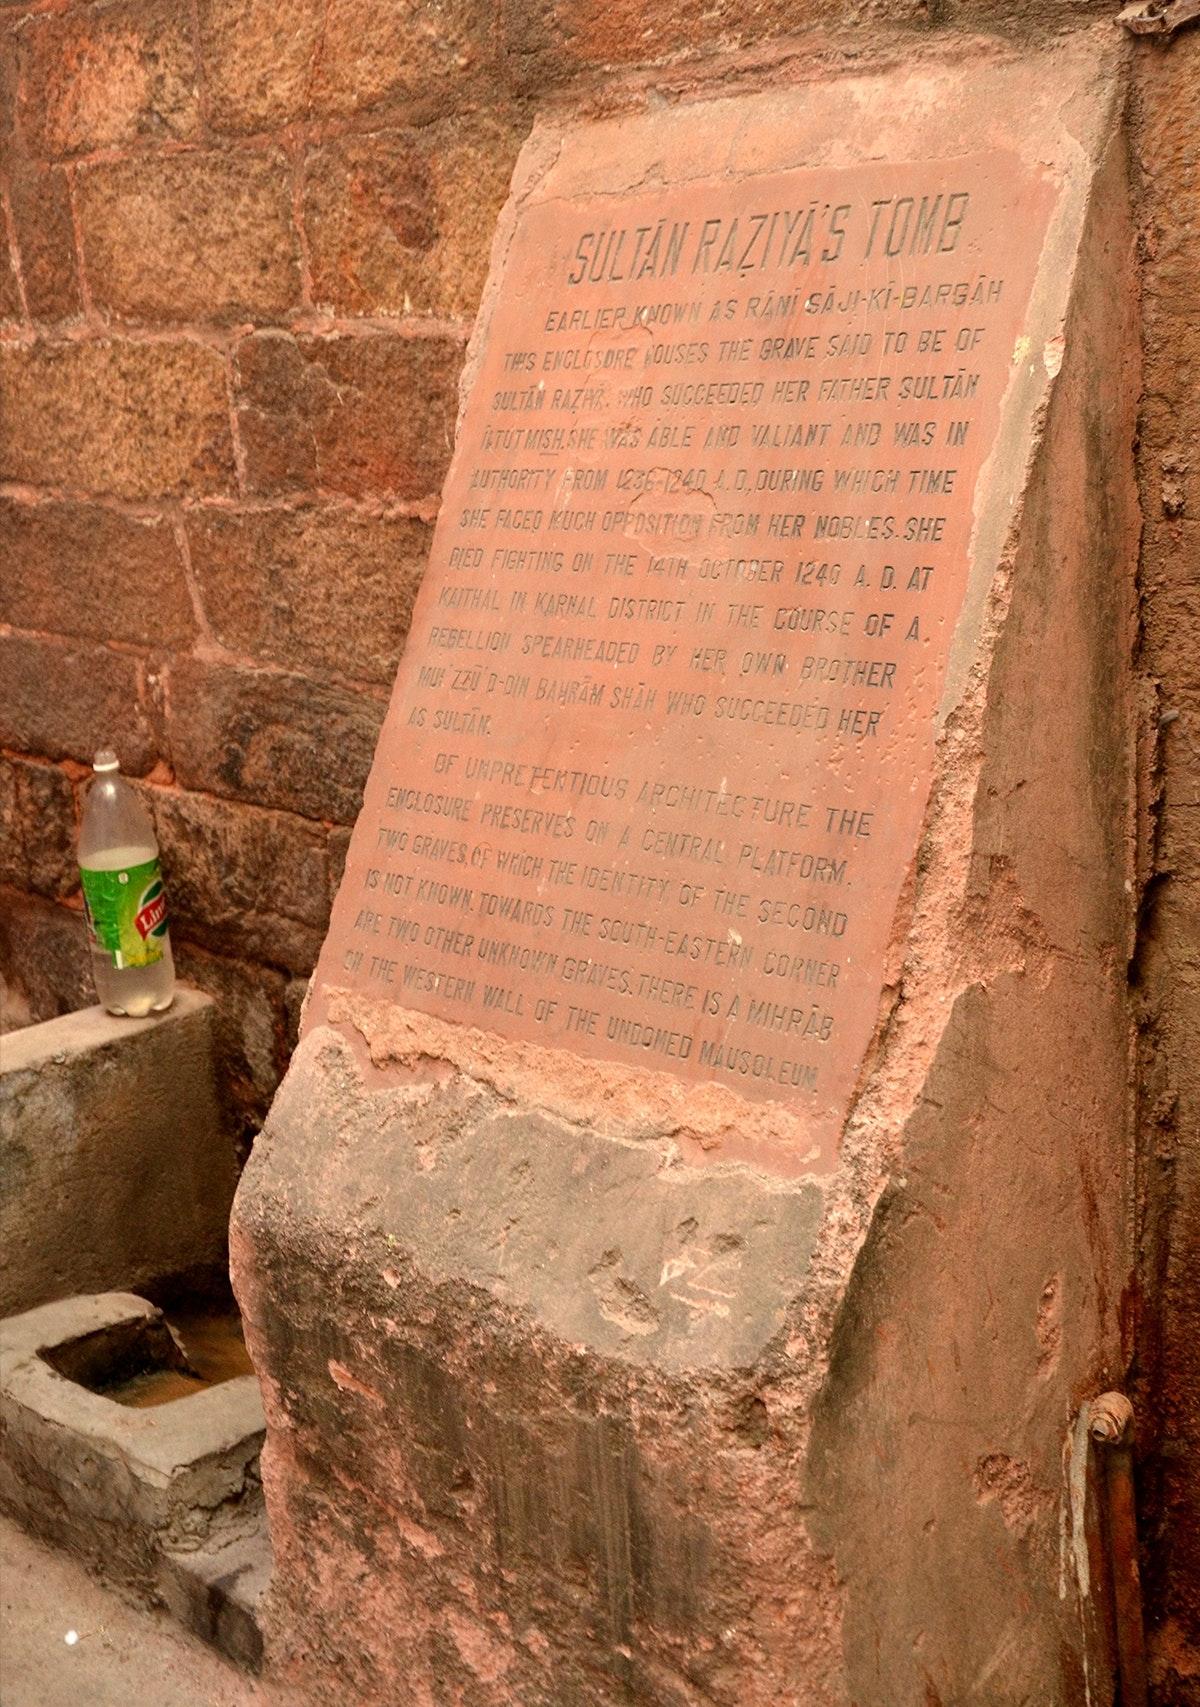 Razia Sultan's Grave